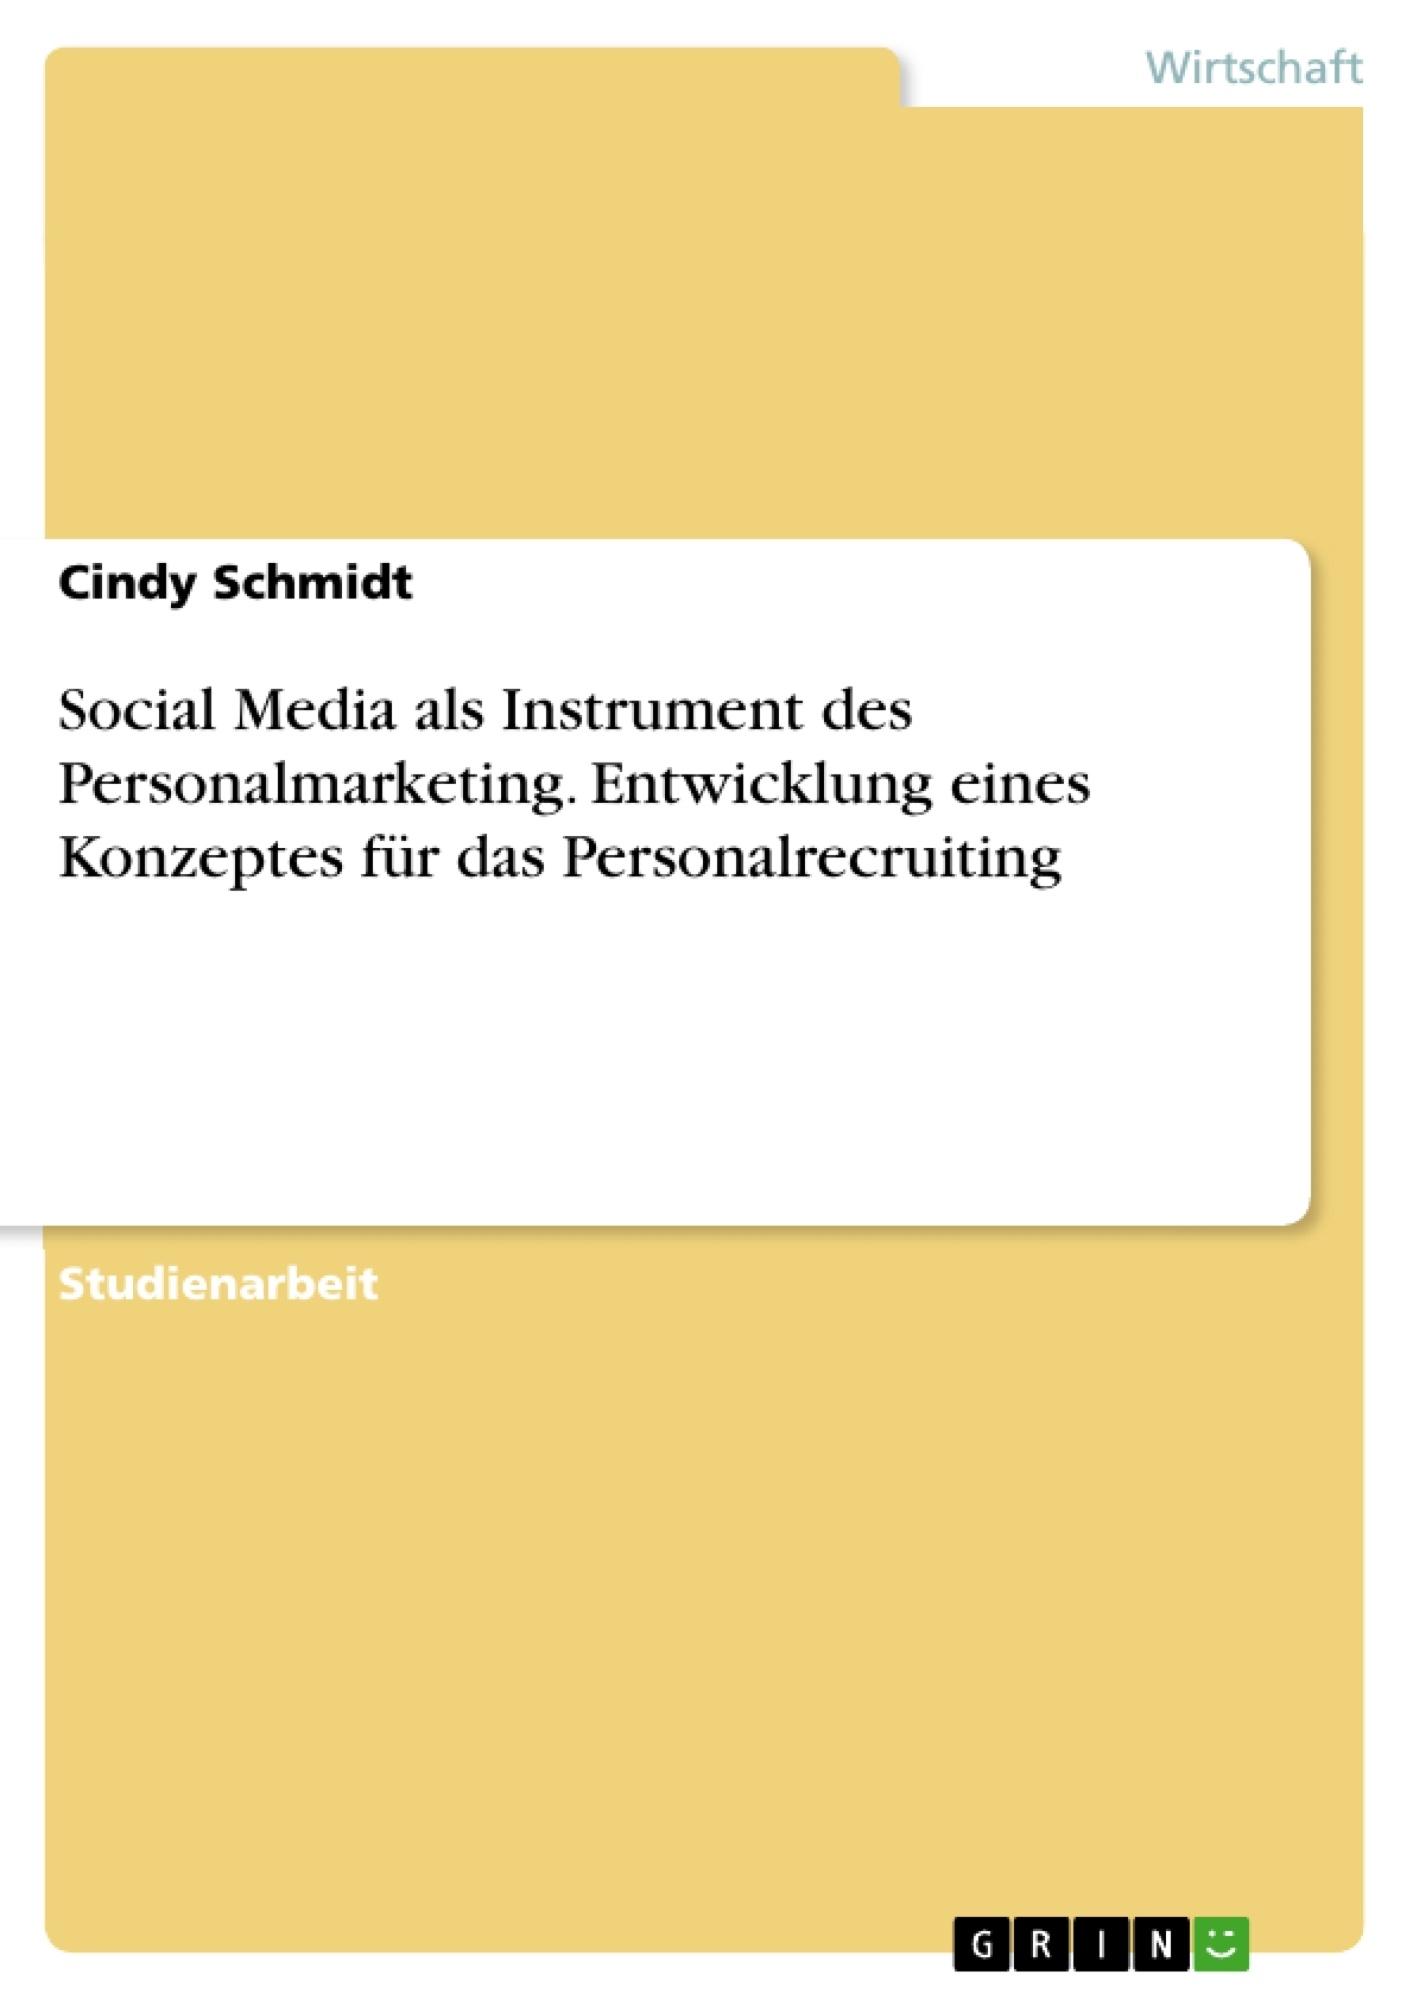 Titel: Social Media als Instrument des Personalmarketing. Entwicklung eines Konzeptes für das Personalrecruiting